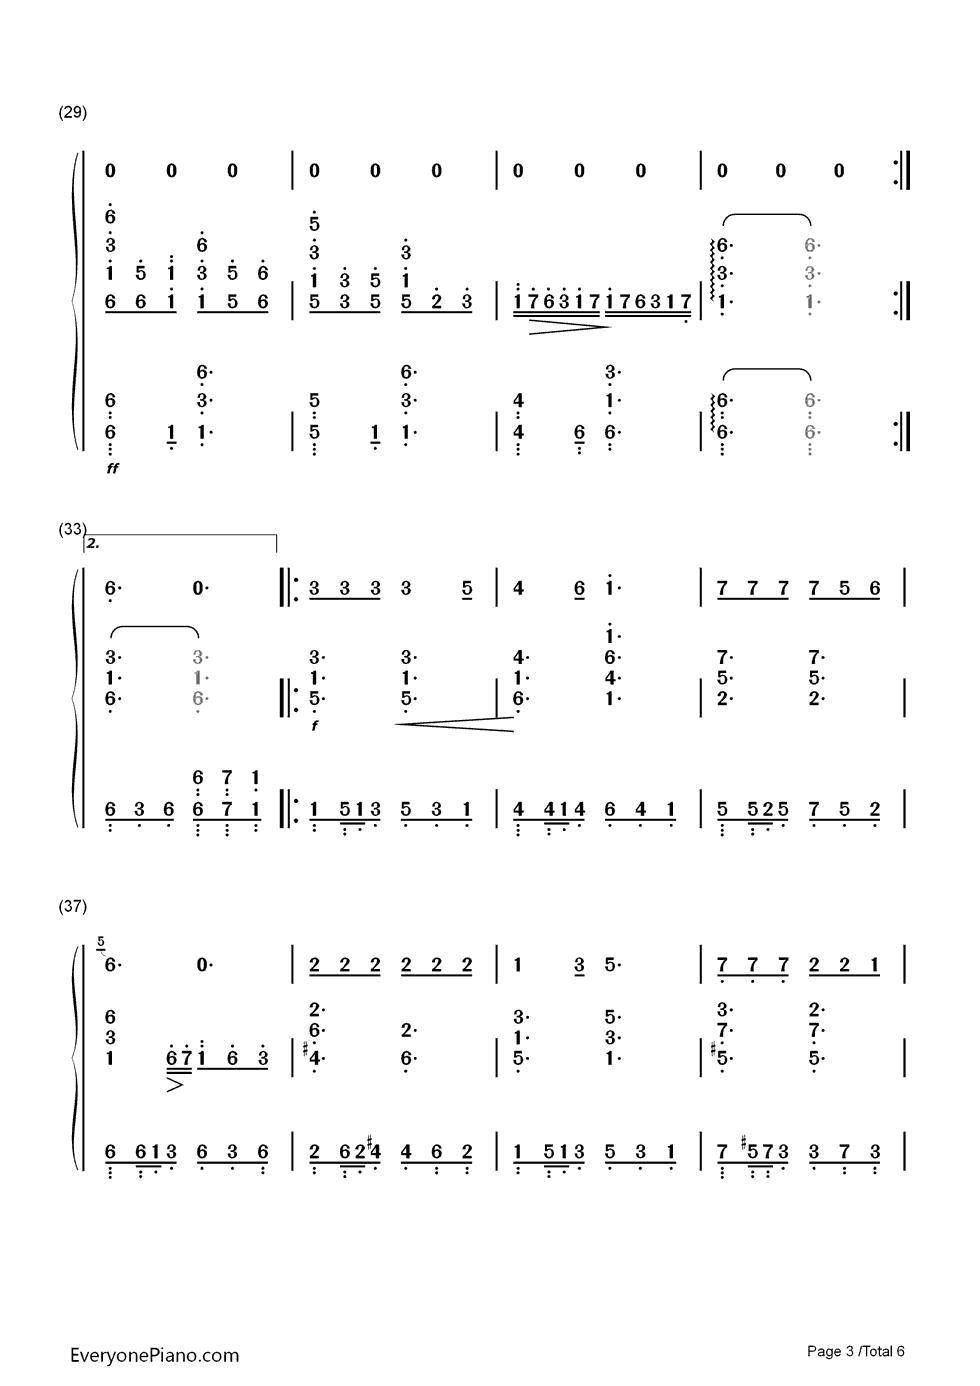 双手简谱版_大鱼钢琴简谱双手